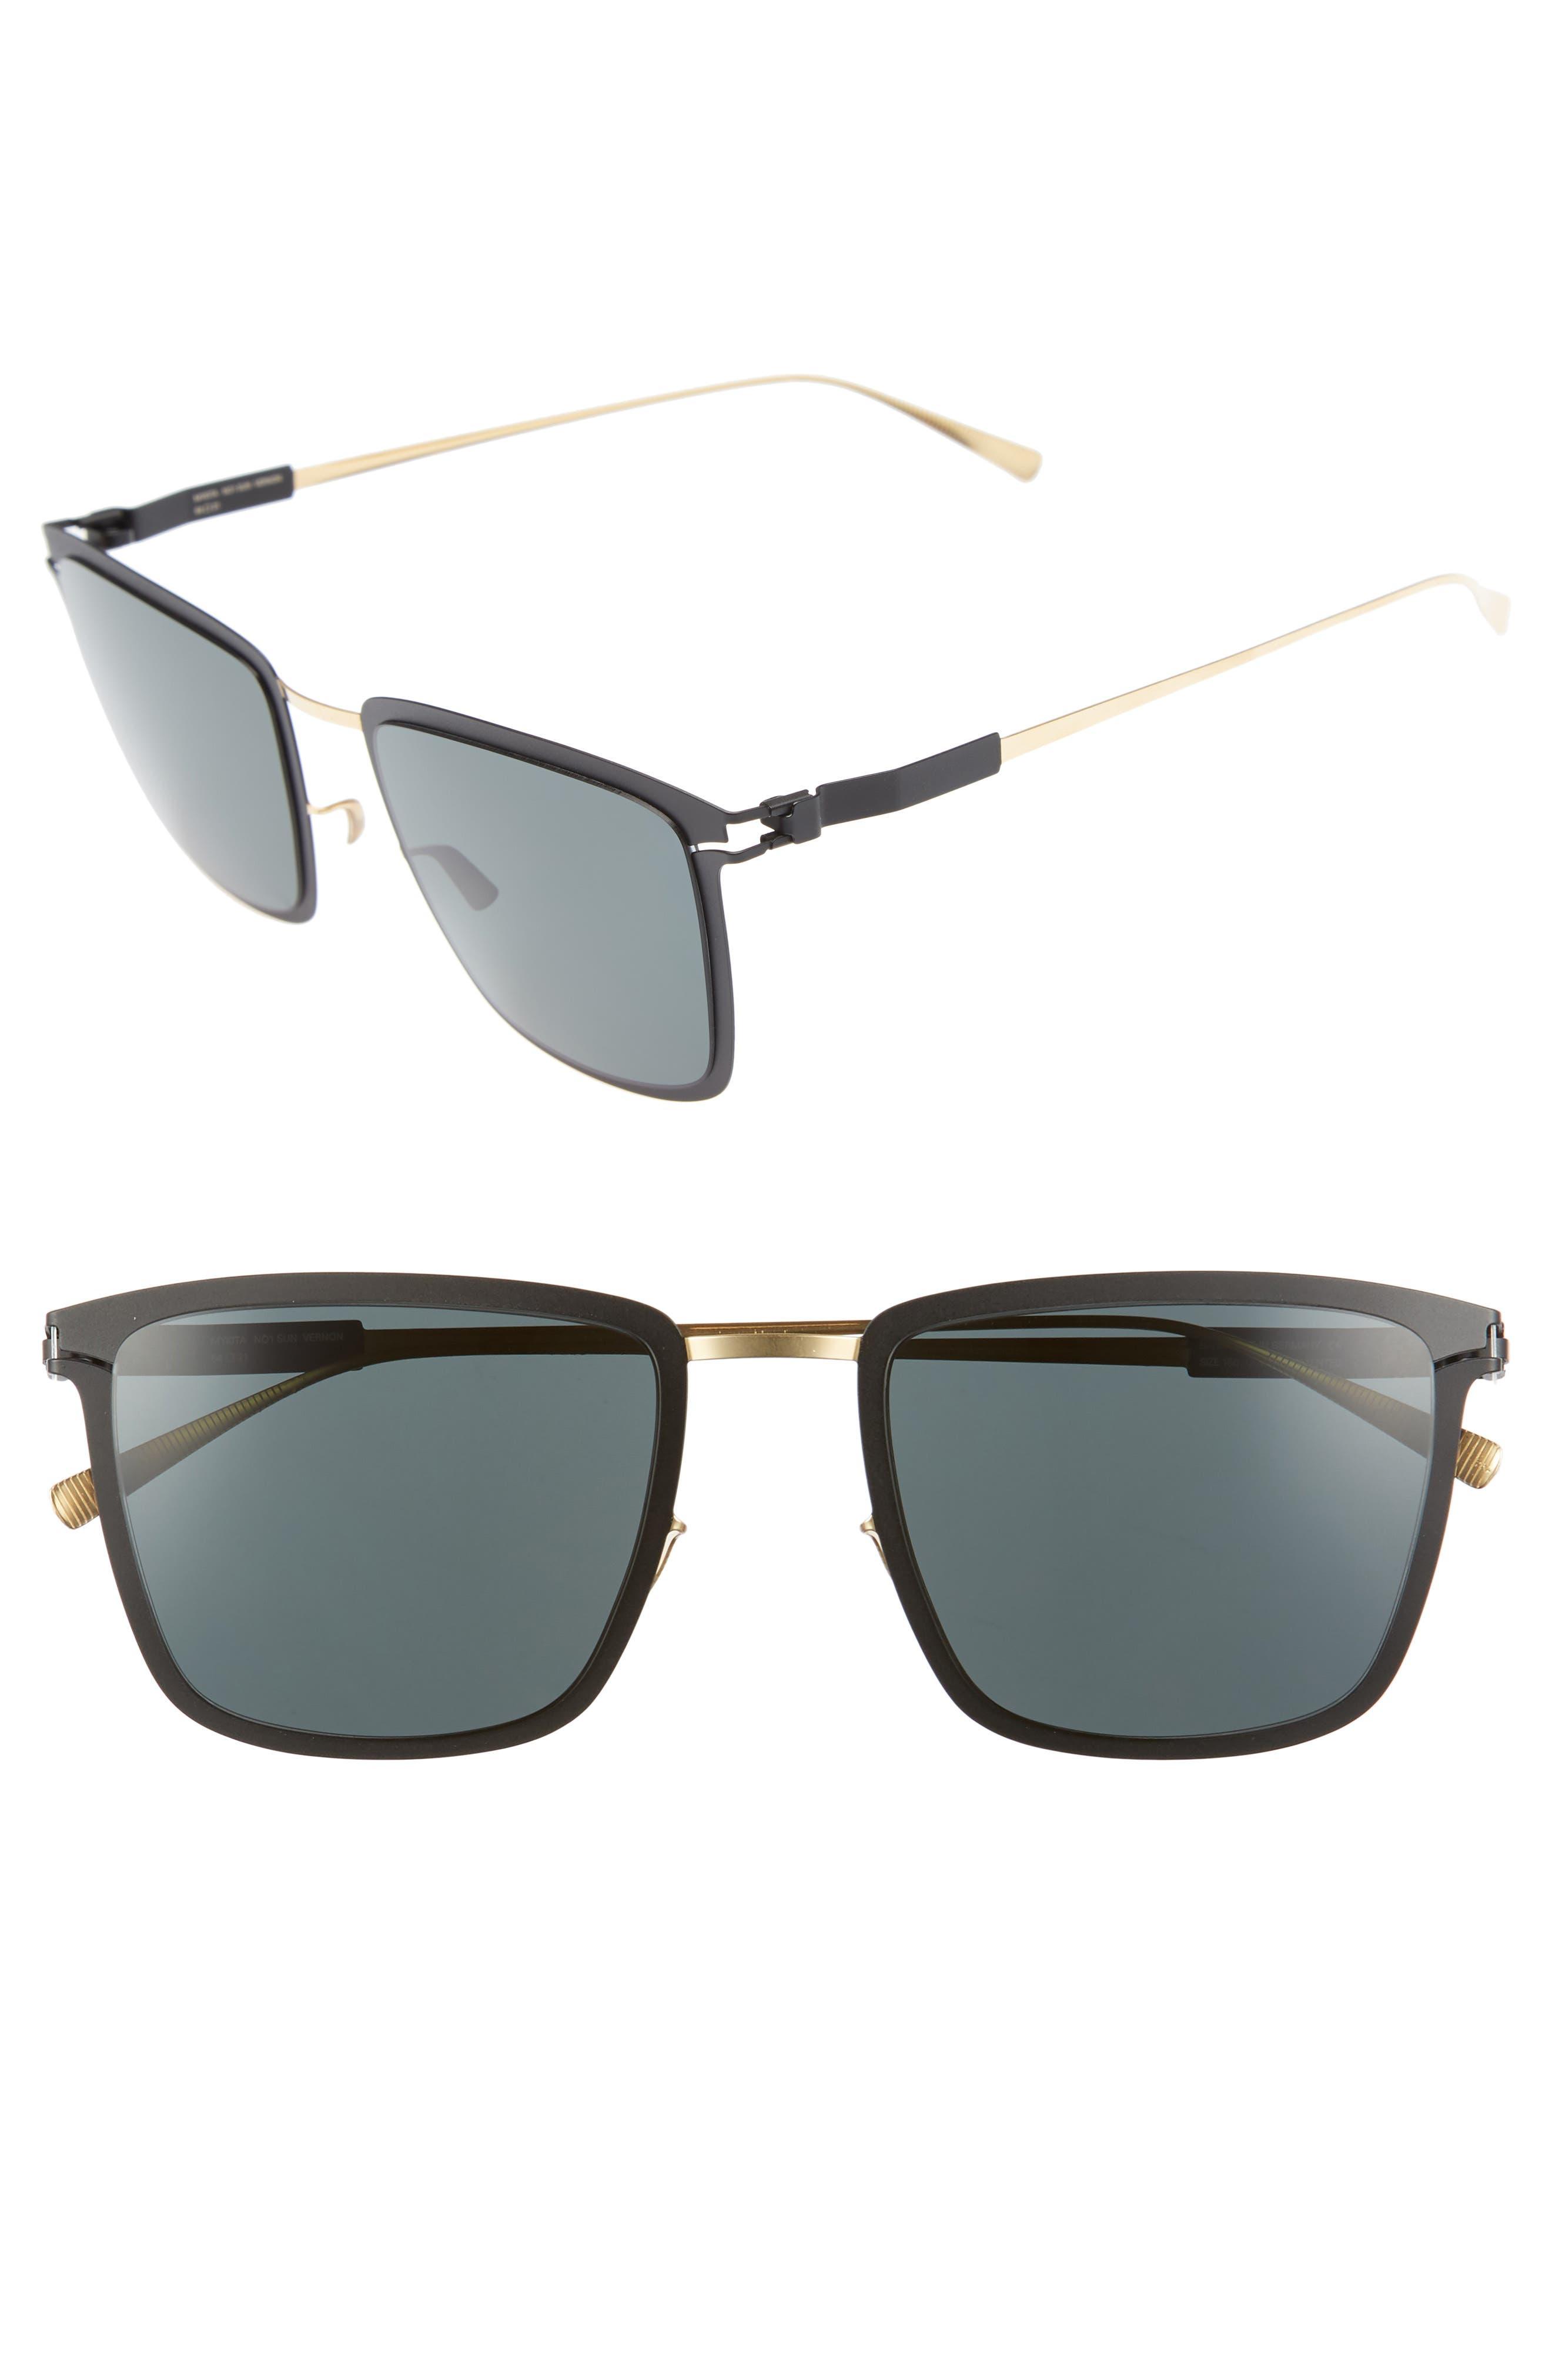 Vernon 54mm Polarized Sunglasses,                             Main thumbnail 1, color,                             Gold/ Black